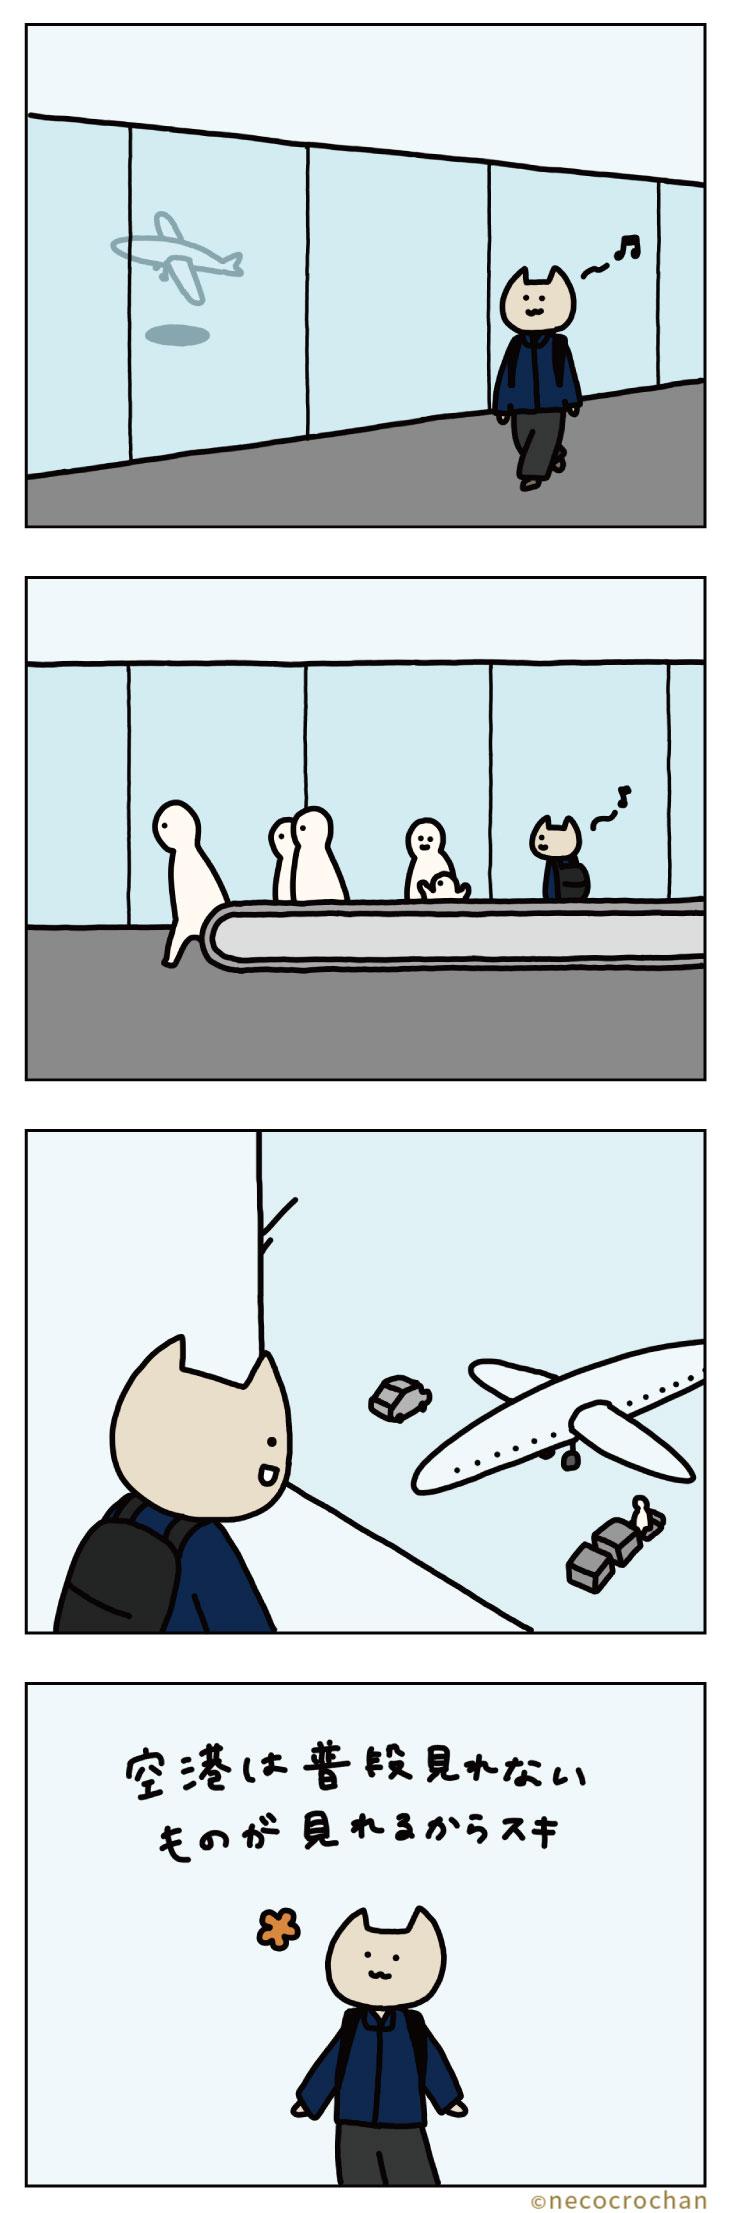 4コマ漫画ねこくろにっき「旅行〜空港1〜」